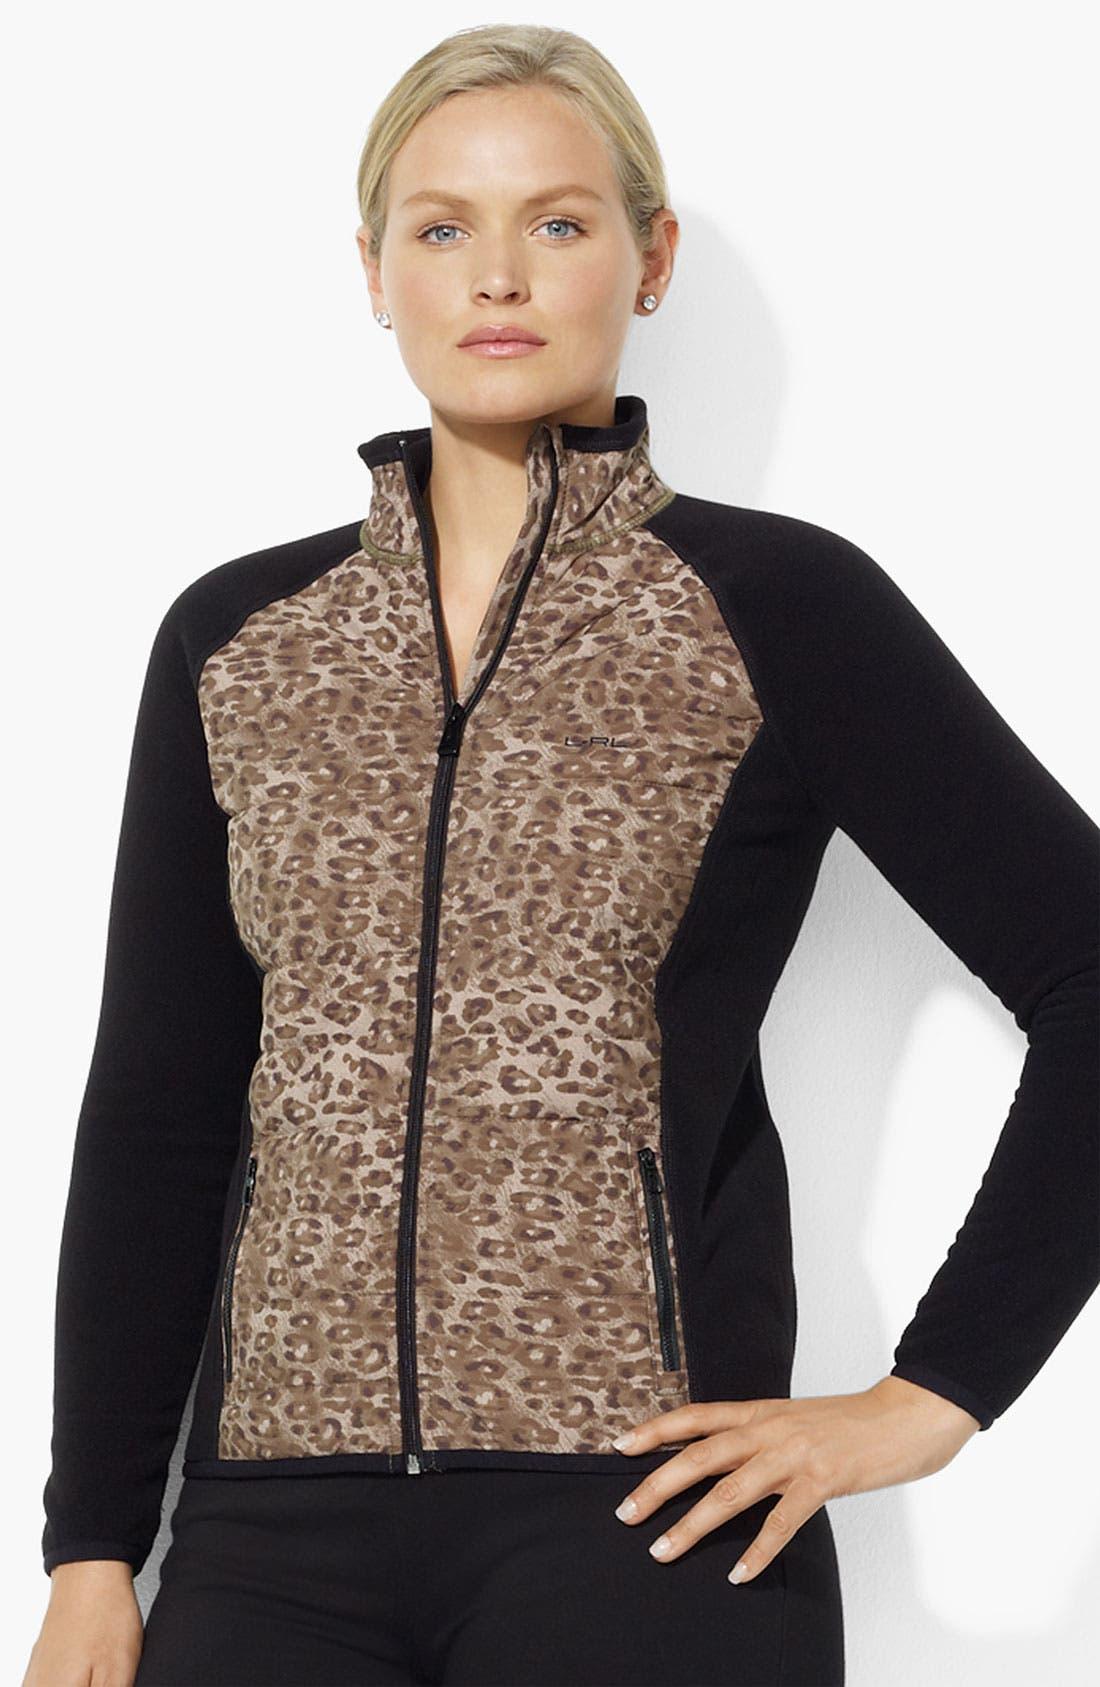 Alternate Image 1 Selected - Lauren Ralph Lauren Leopard Panel Jacket (Plus)